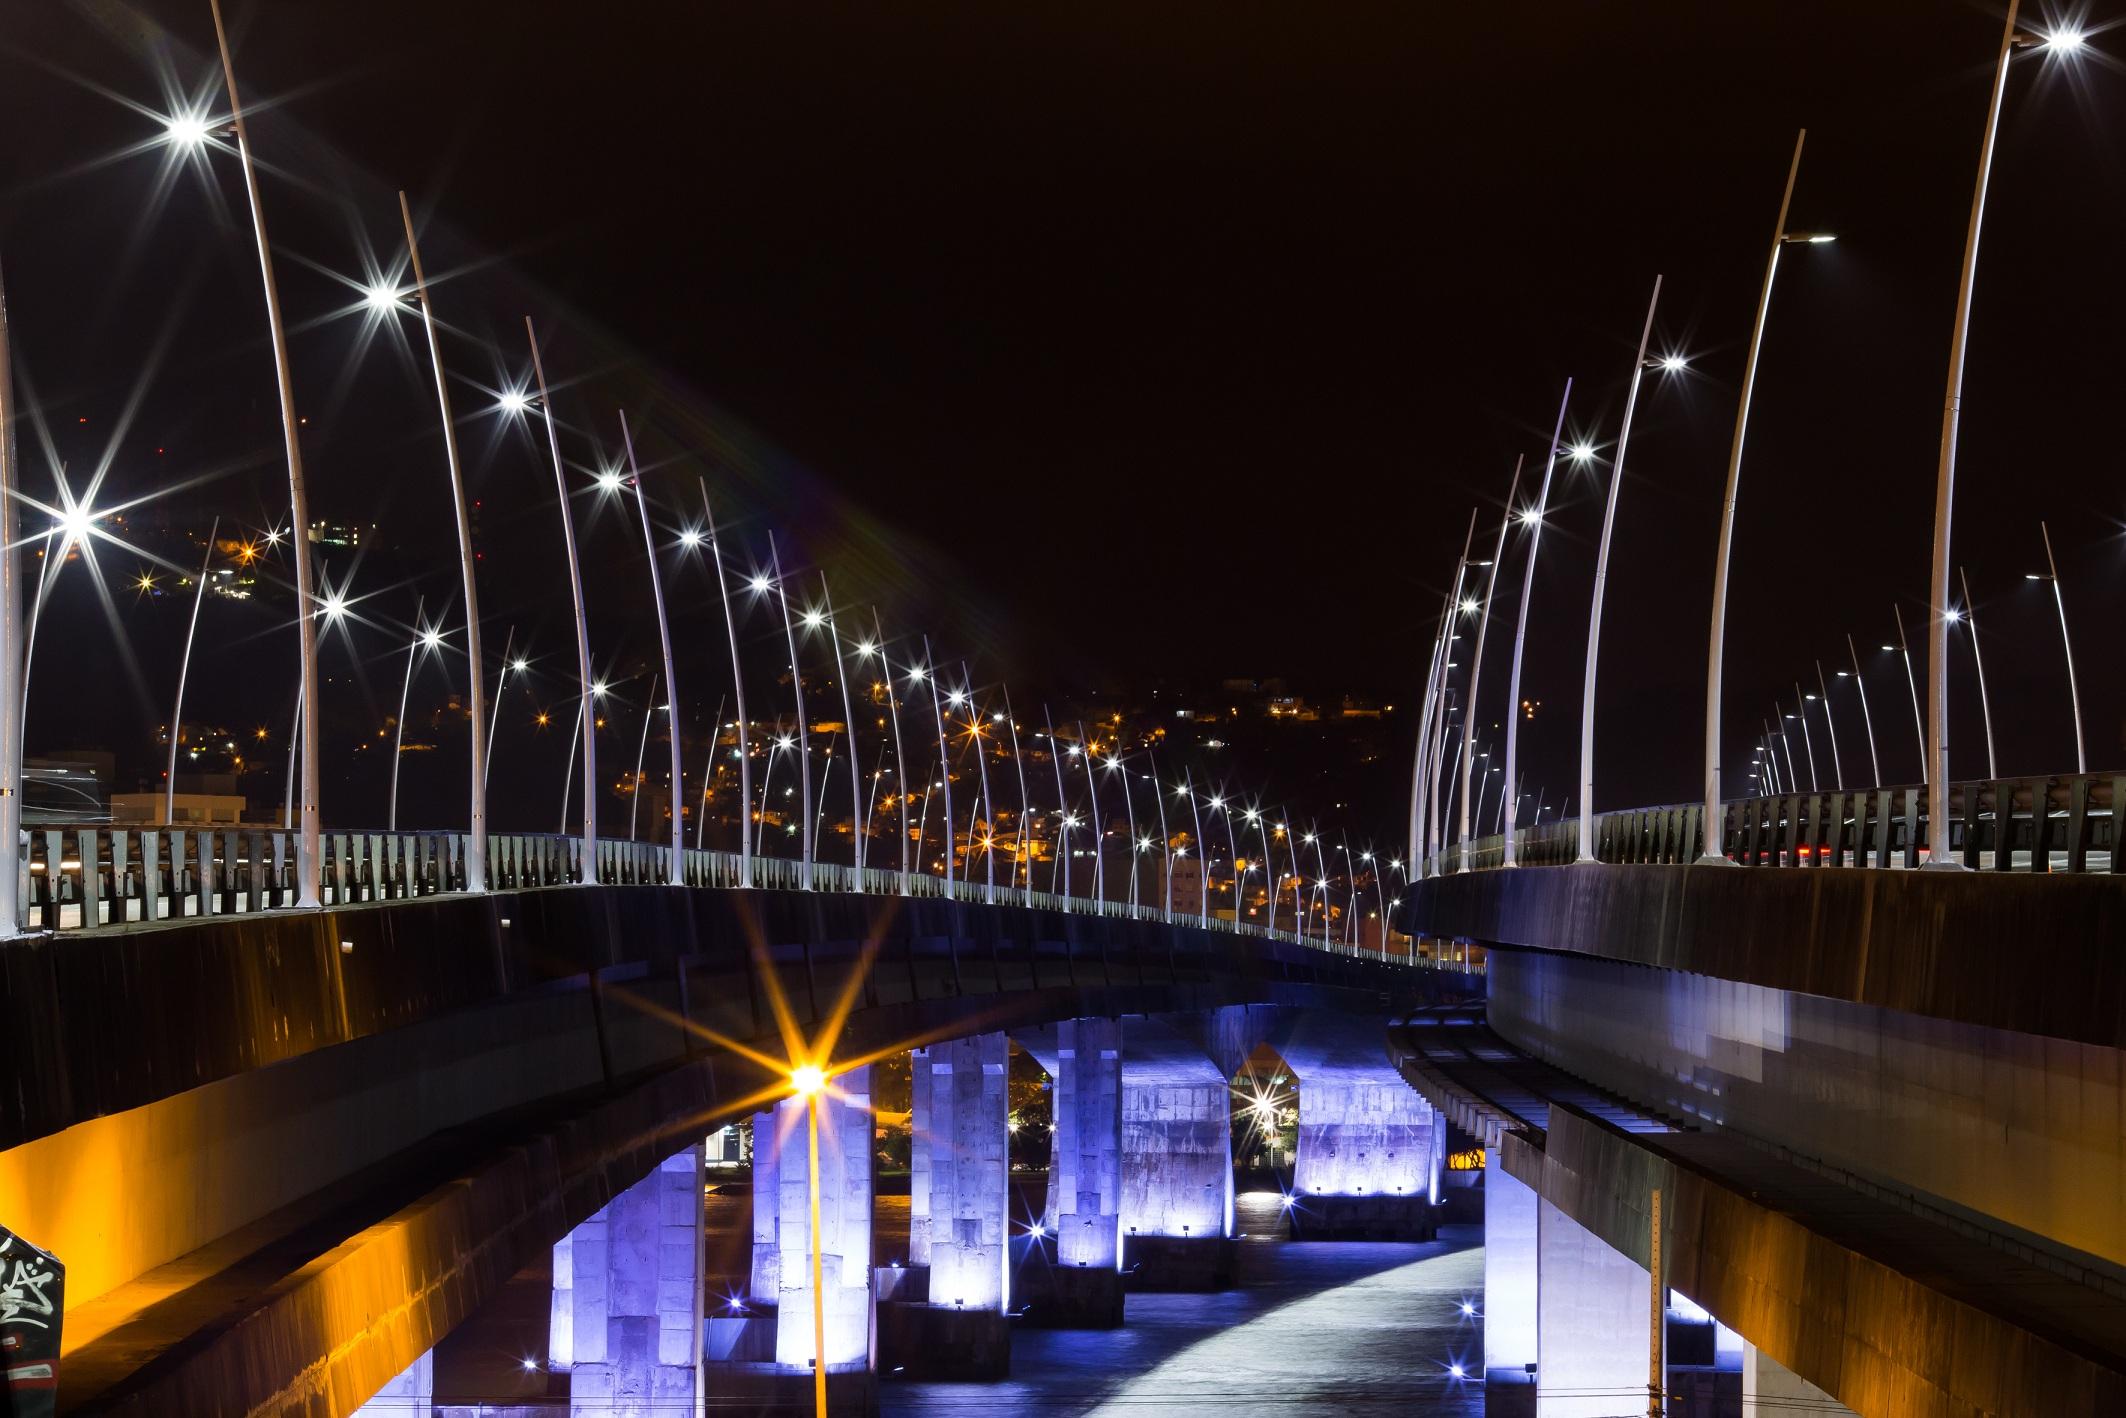 Iluminaci N Led En Carreteras Seguridad Vial Y Ahorro